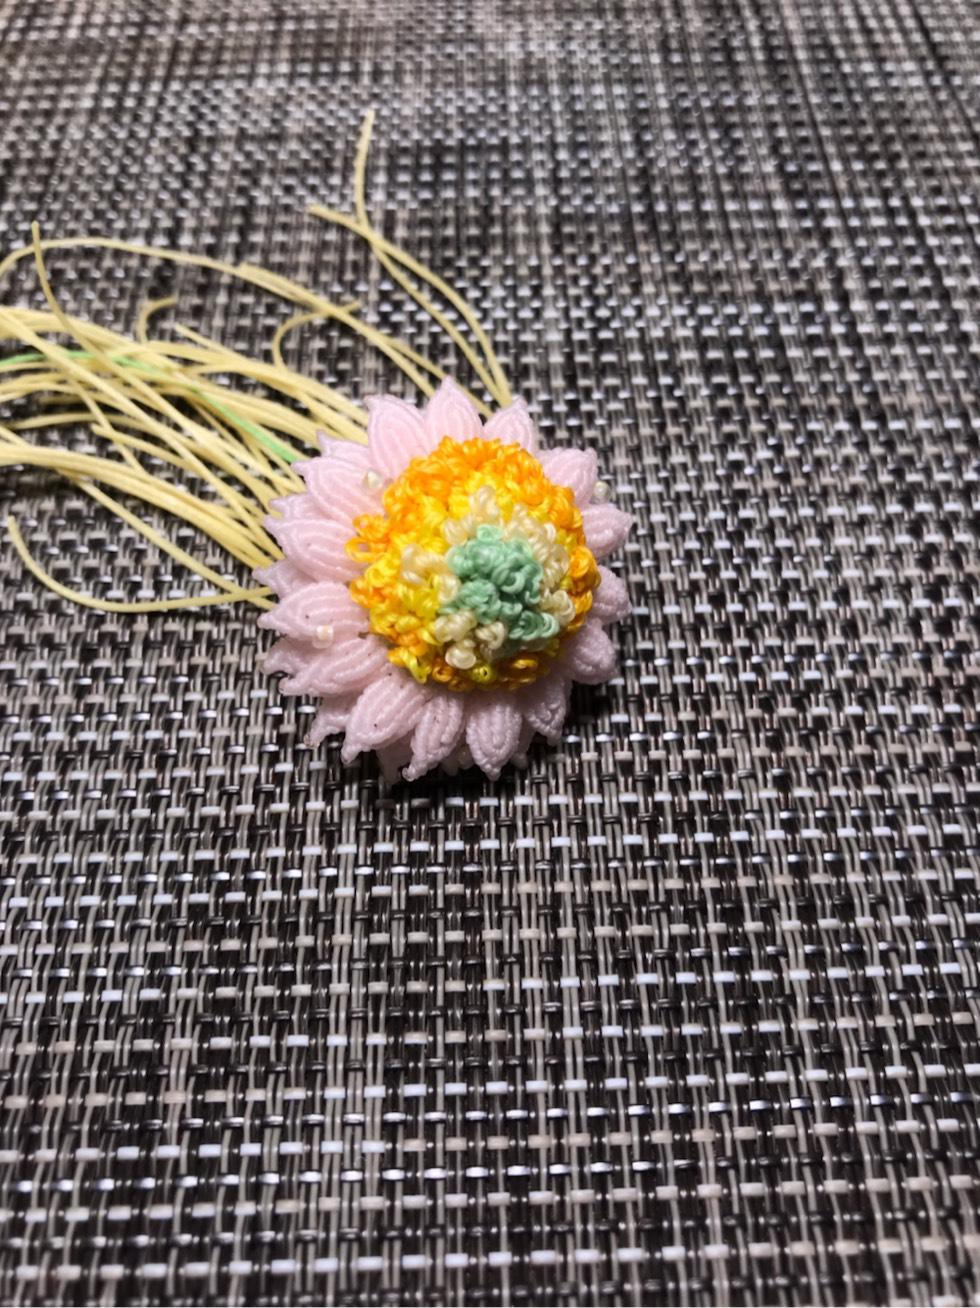 中国结论坛 奶油向日葵 向日葵奶油花做法,奶油向日葵鲜切花,向日葵裱花蛋糕,奶油向日葵别名,奶油向日葵养护 作品展示 221625svmxq18m8xqcrpiq